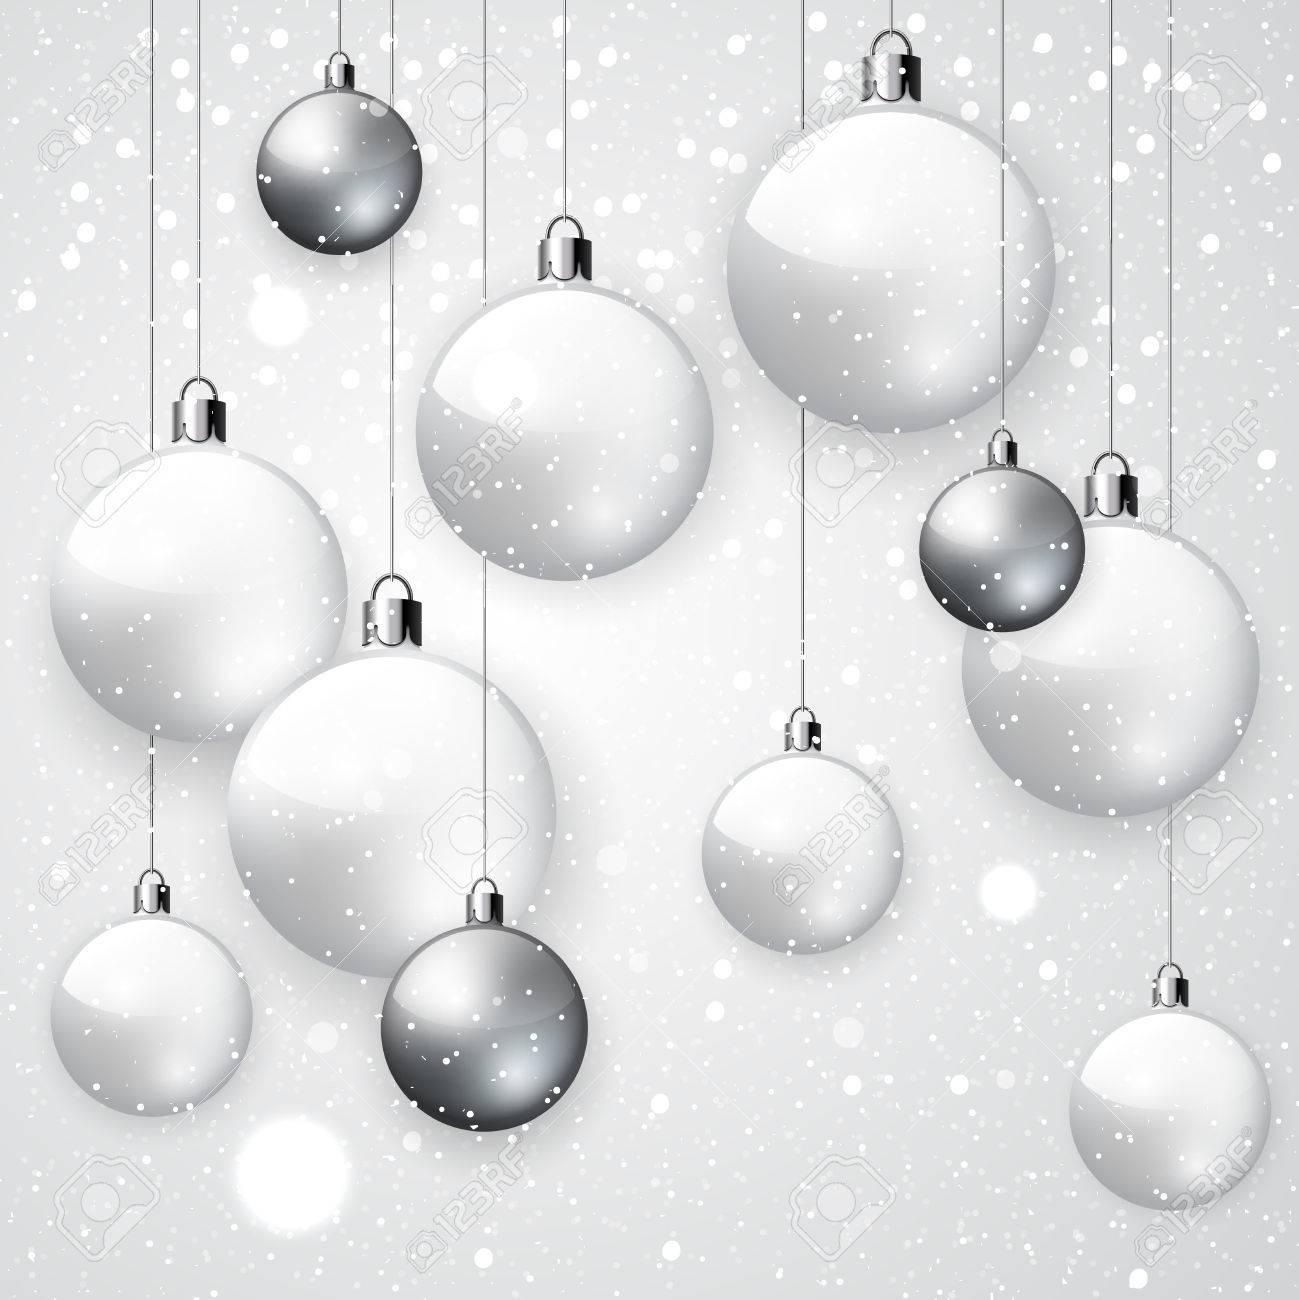 Weiß Schneebedeckten Hintergrund Mit Weiß Und Silber Weihnachten ...